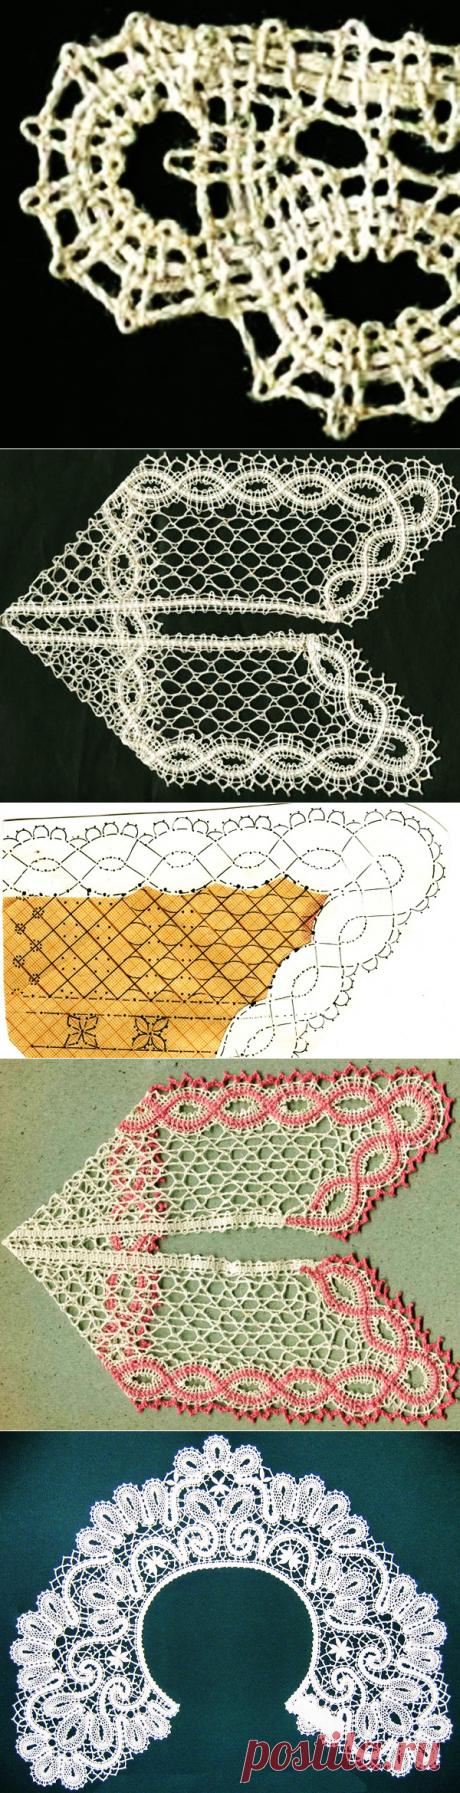 20 уроков от мастера рукоделия от Аделаиды Рожковой